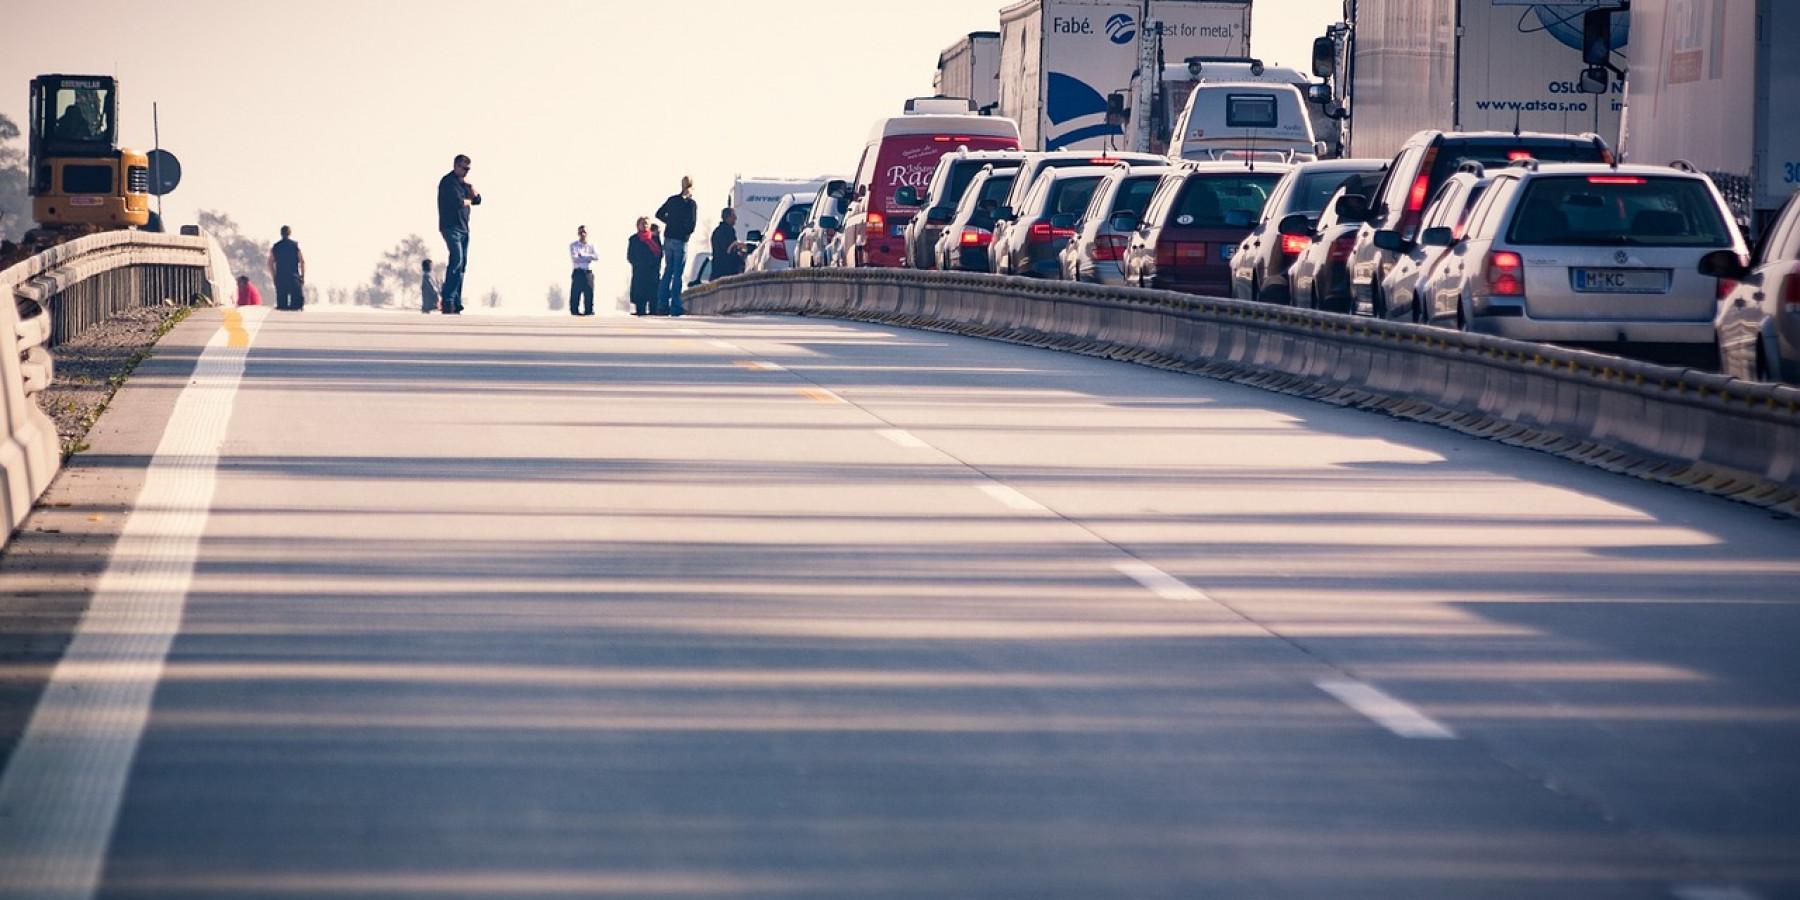 Unfall auf der Autobahn – 2 Schwerverletzte